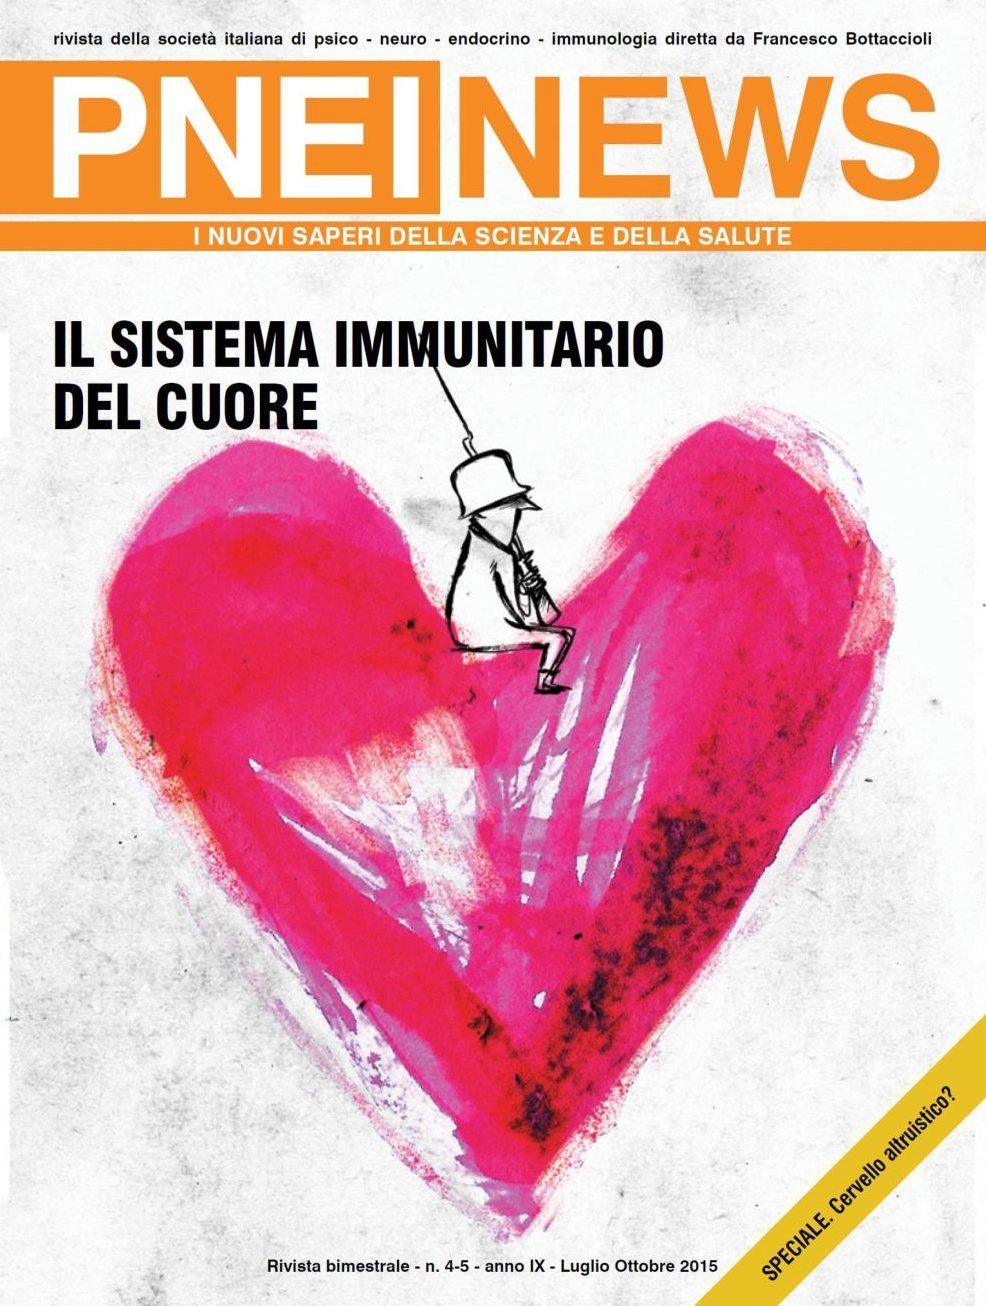 4/5-2015 IL SISTEMA IMMUNITARIO DEL CUORE